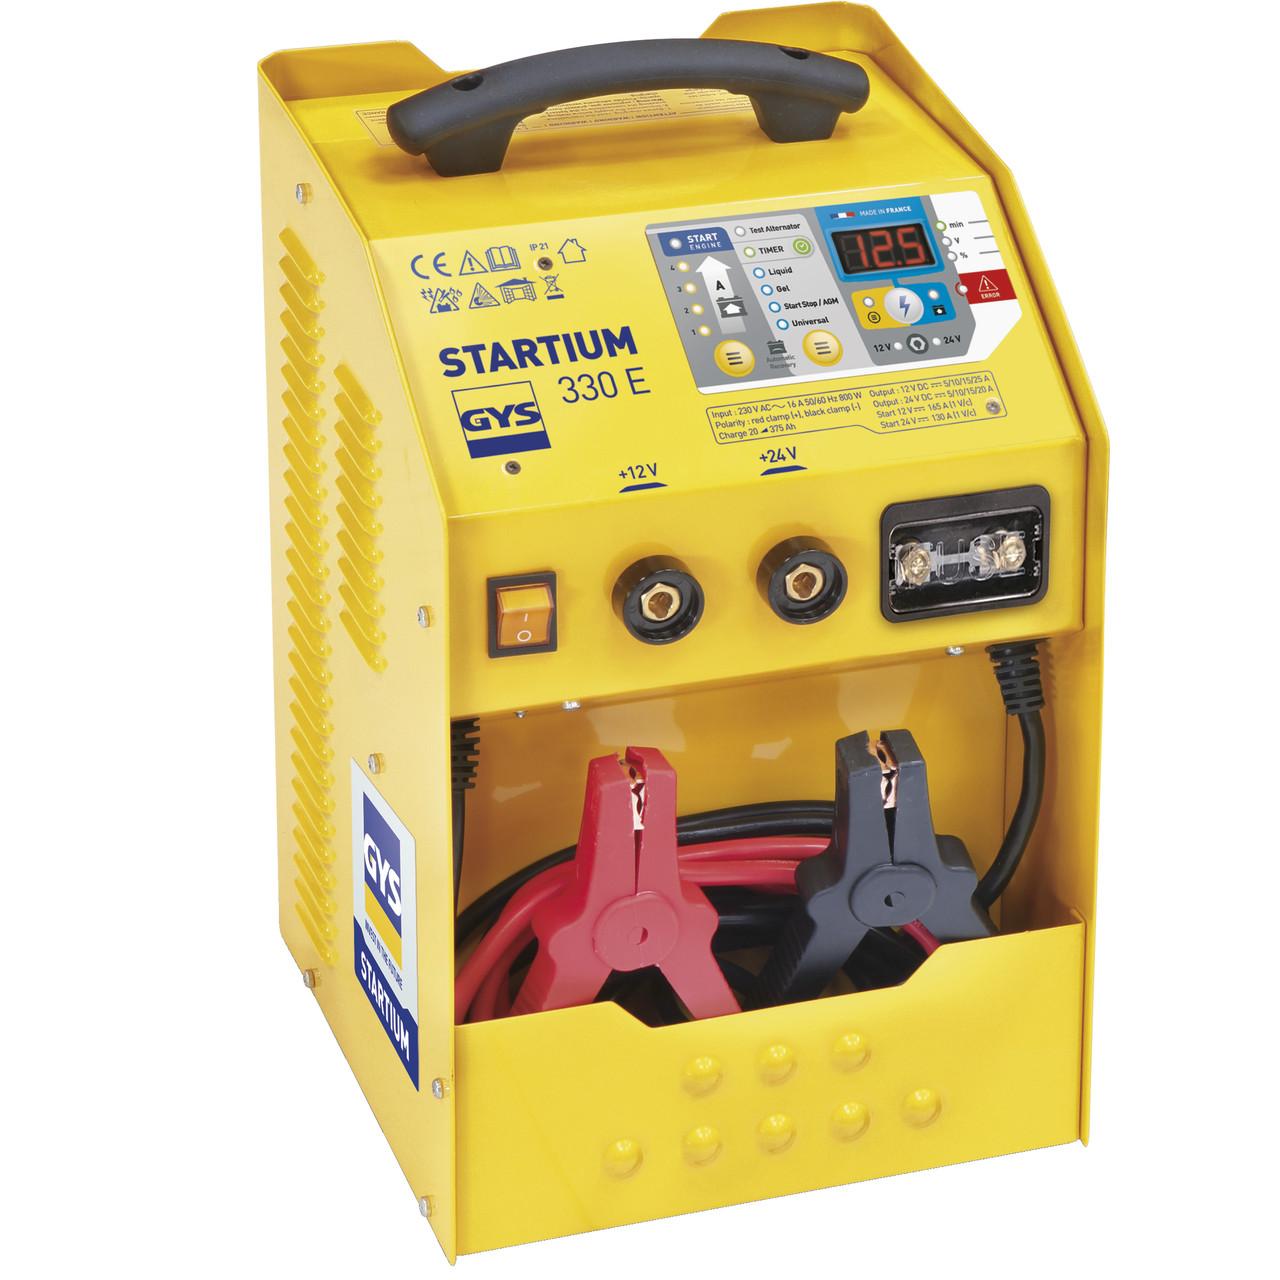 Пуско-зарядное устройство GYS Startium 330E